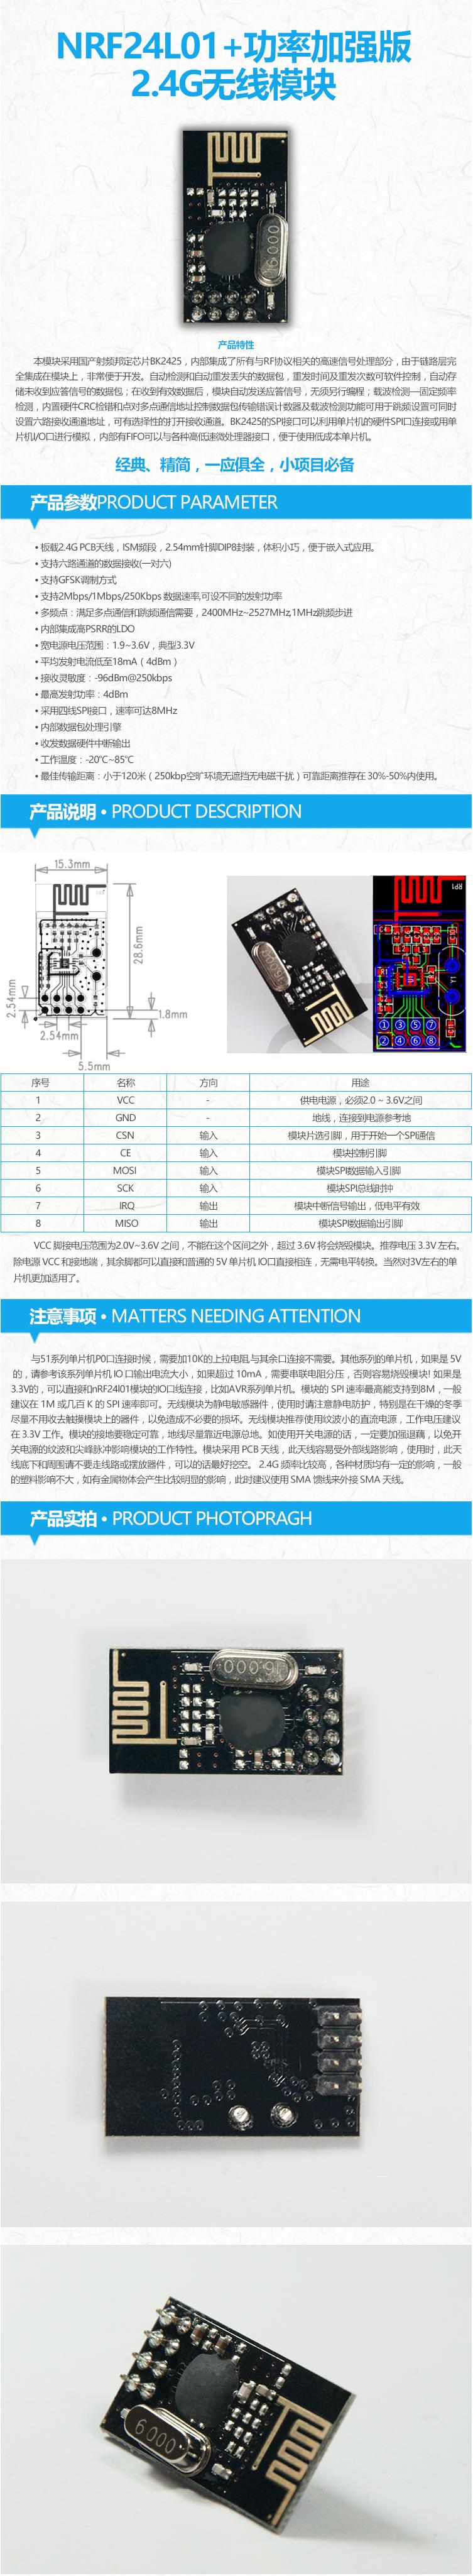 绑定 NRF24L01+ 功率加强版 2.4G无线模块-淘宝网副本.png